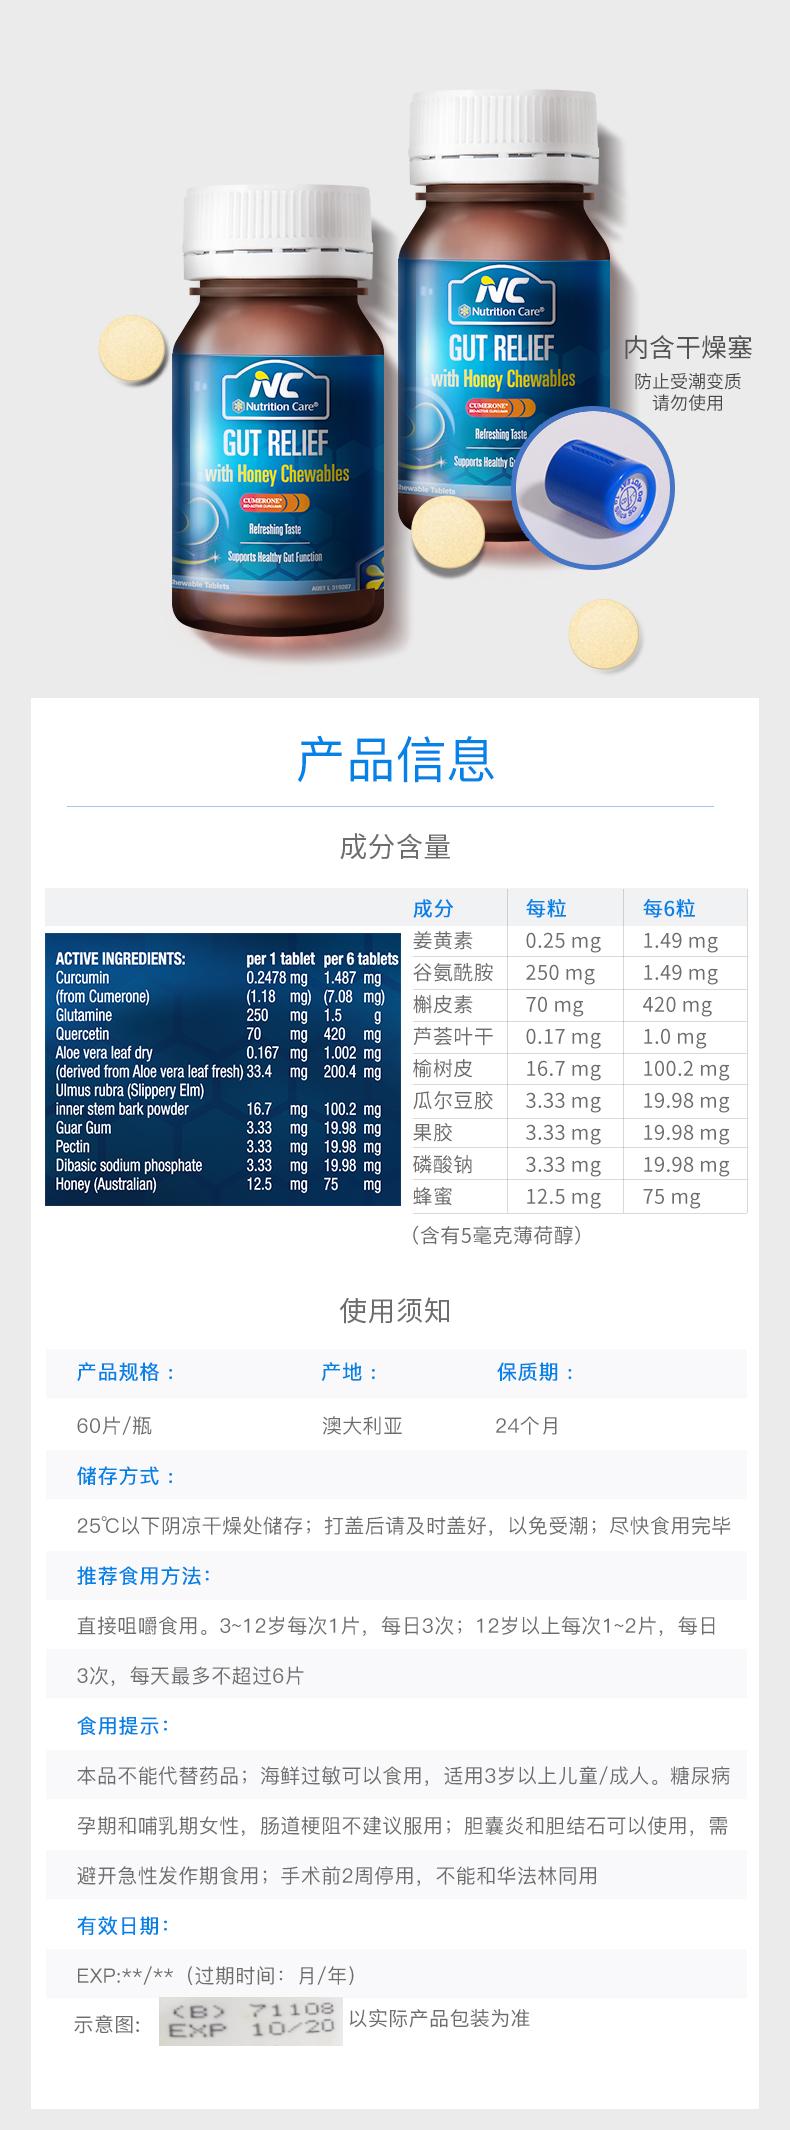 澳大利亚 Nutrition Care 蜂蜜养胃咀嚼片 60粒 抑制幽门螺杆菌/调理肠胃 图16